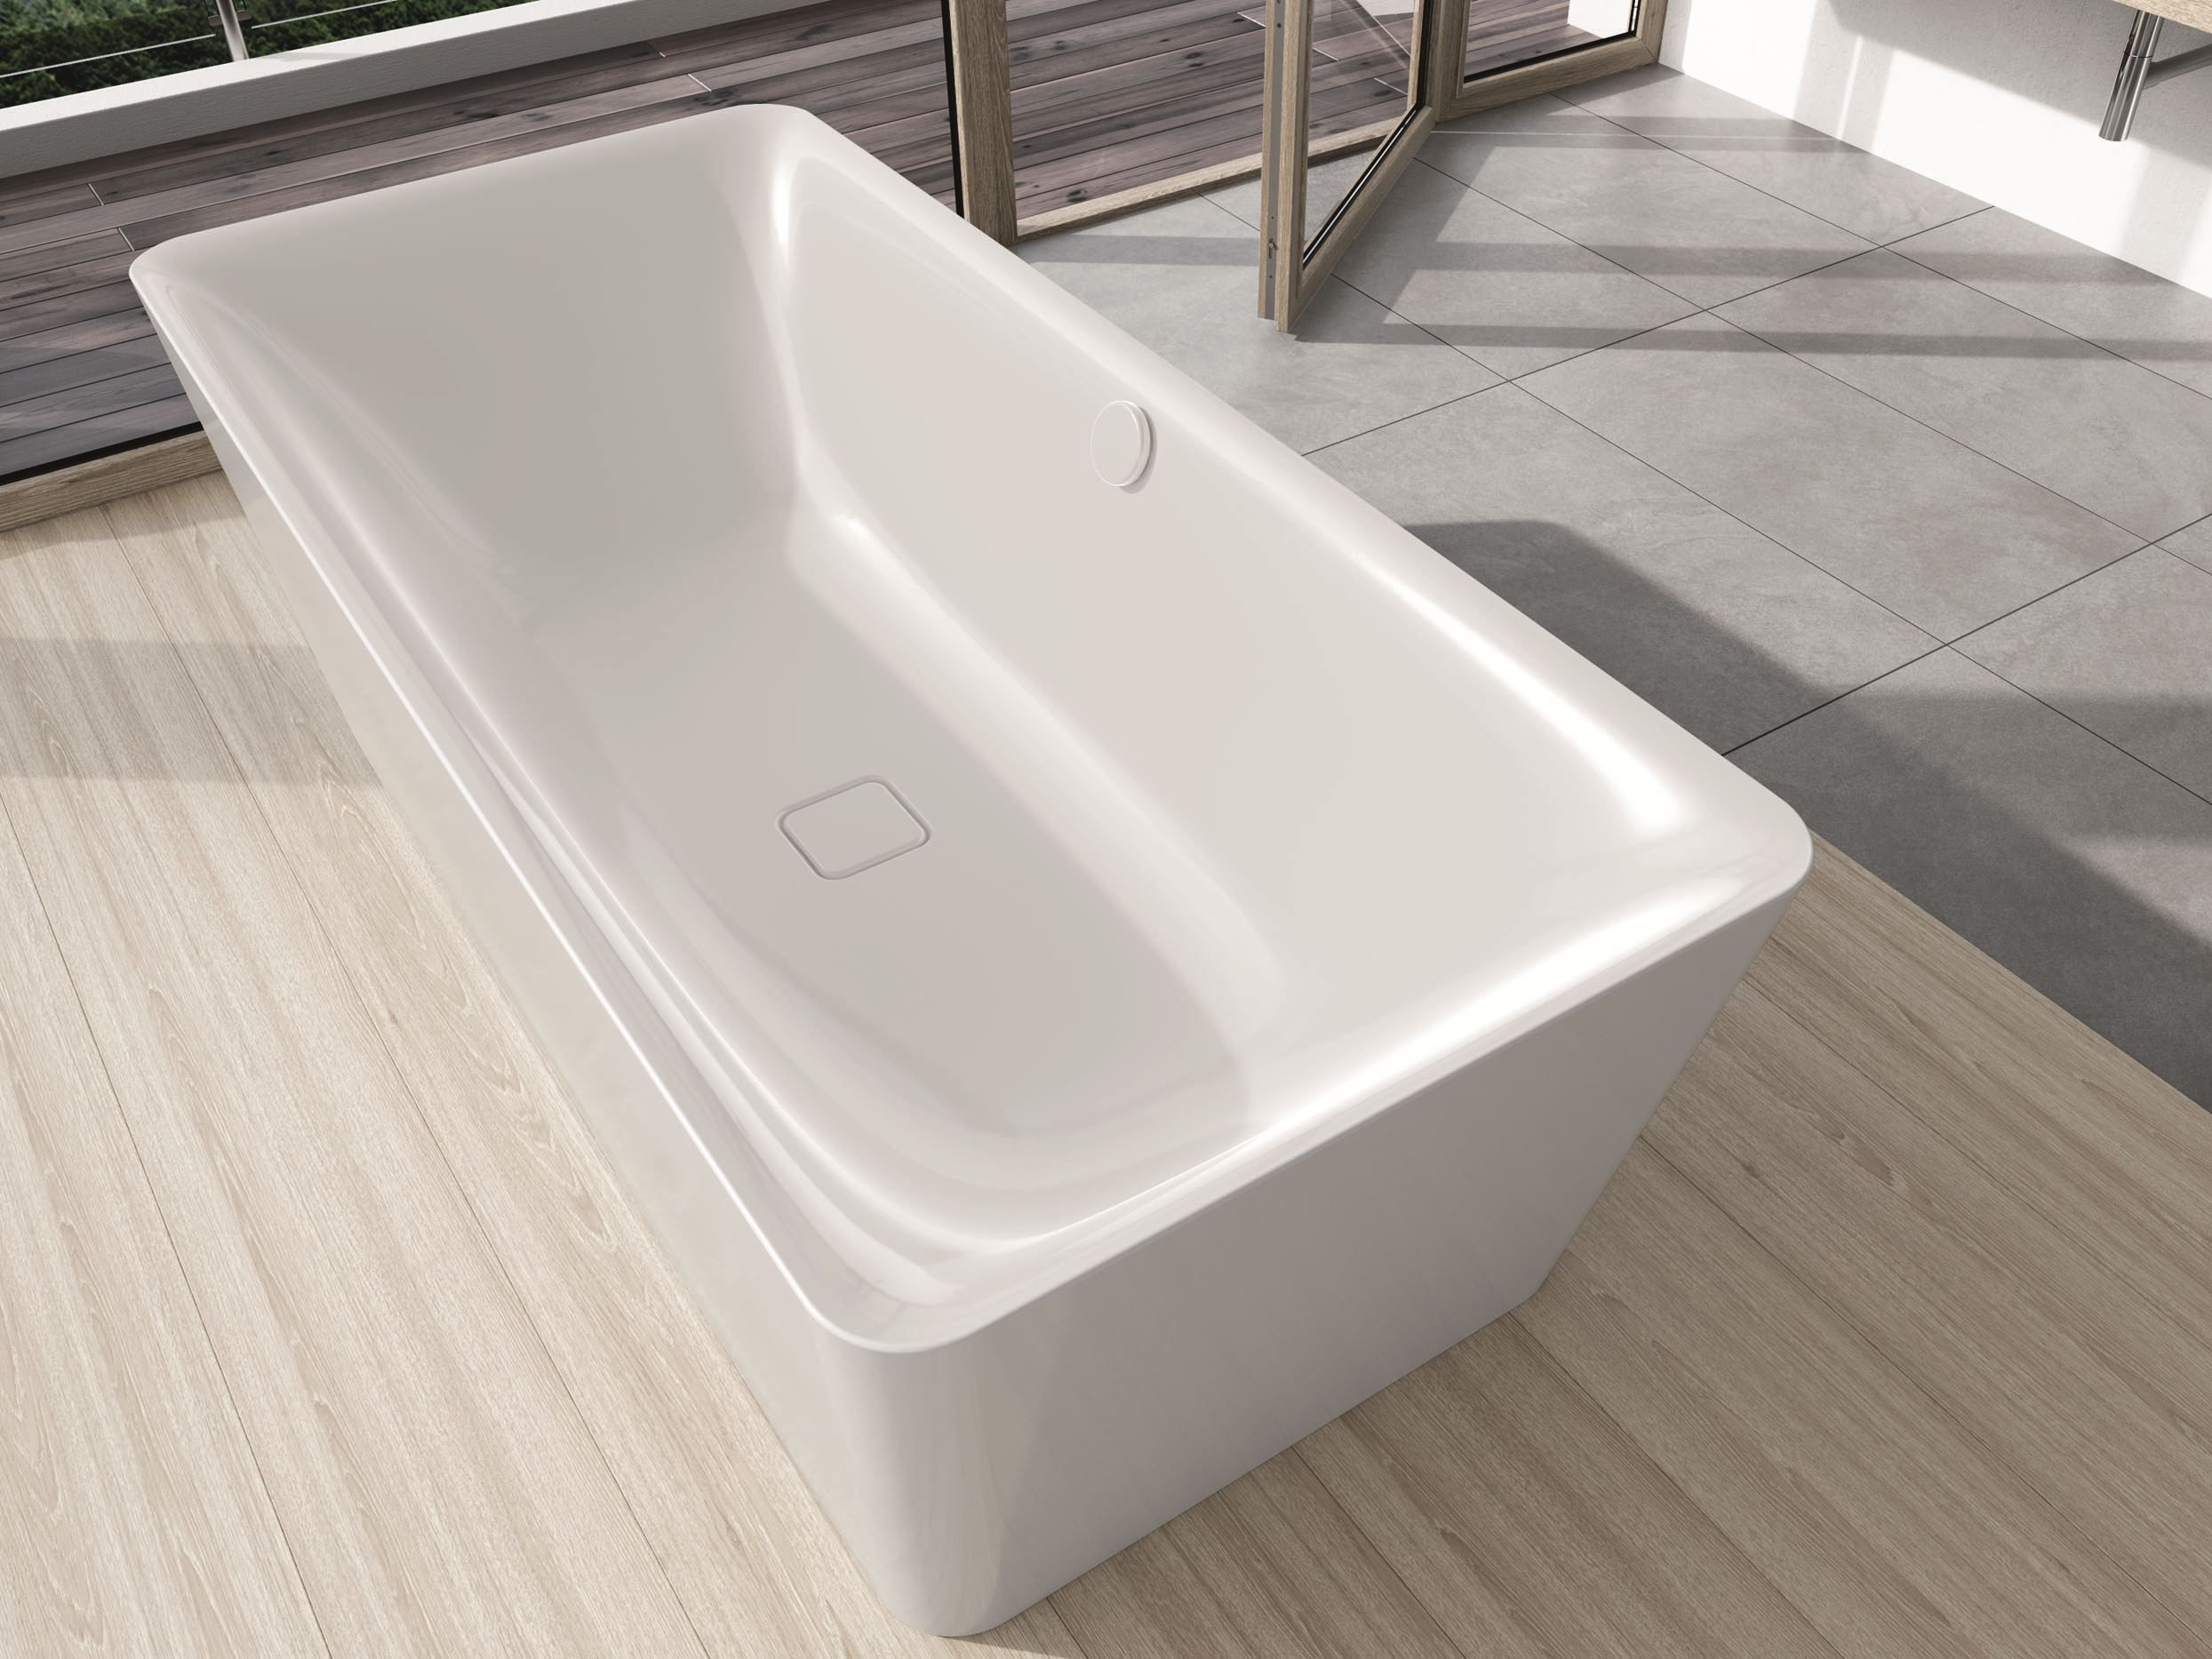 Stahl Kaldewei Freistehende Badewanne